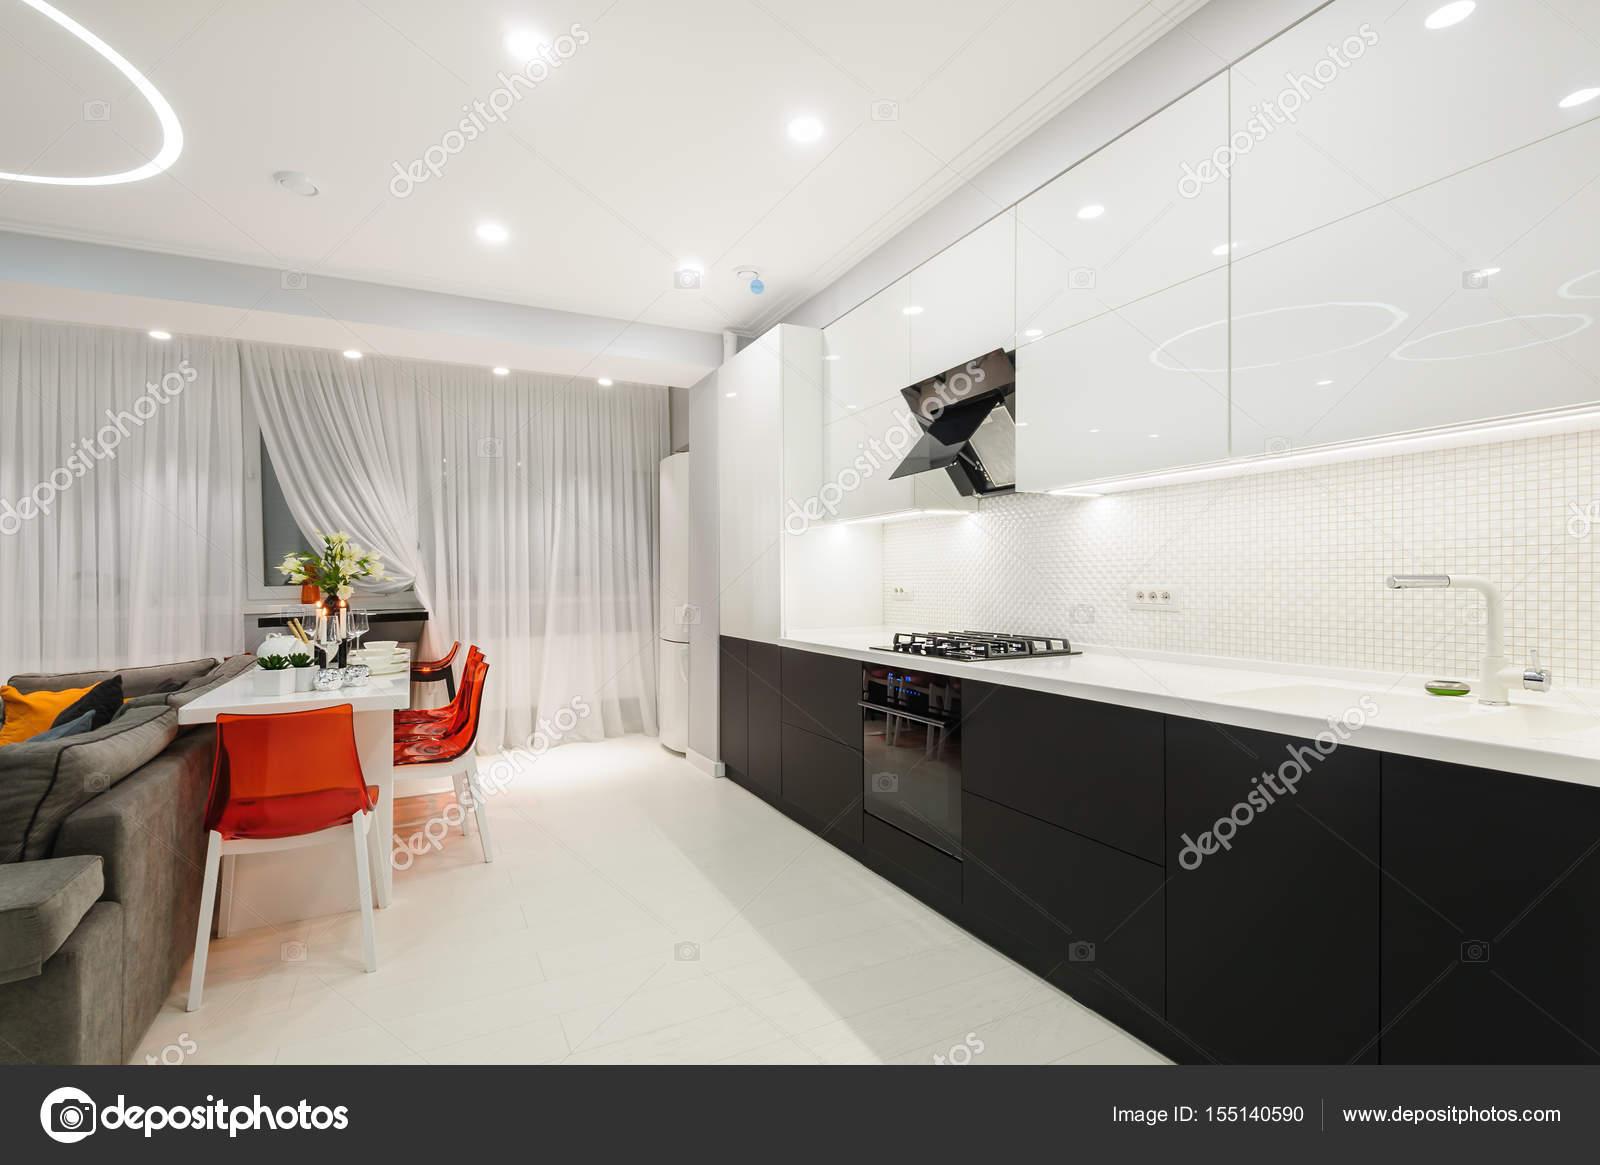 Cozinha Moderna Branca E Sala De Jantar Fotografias De Stock